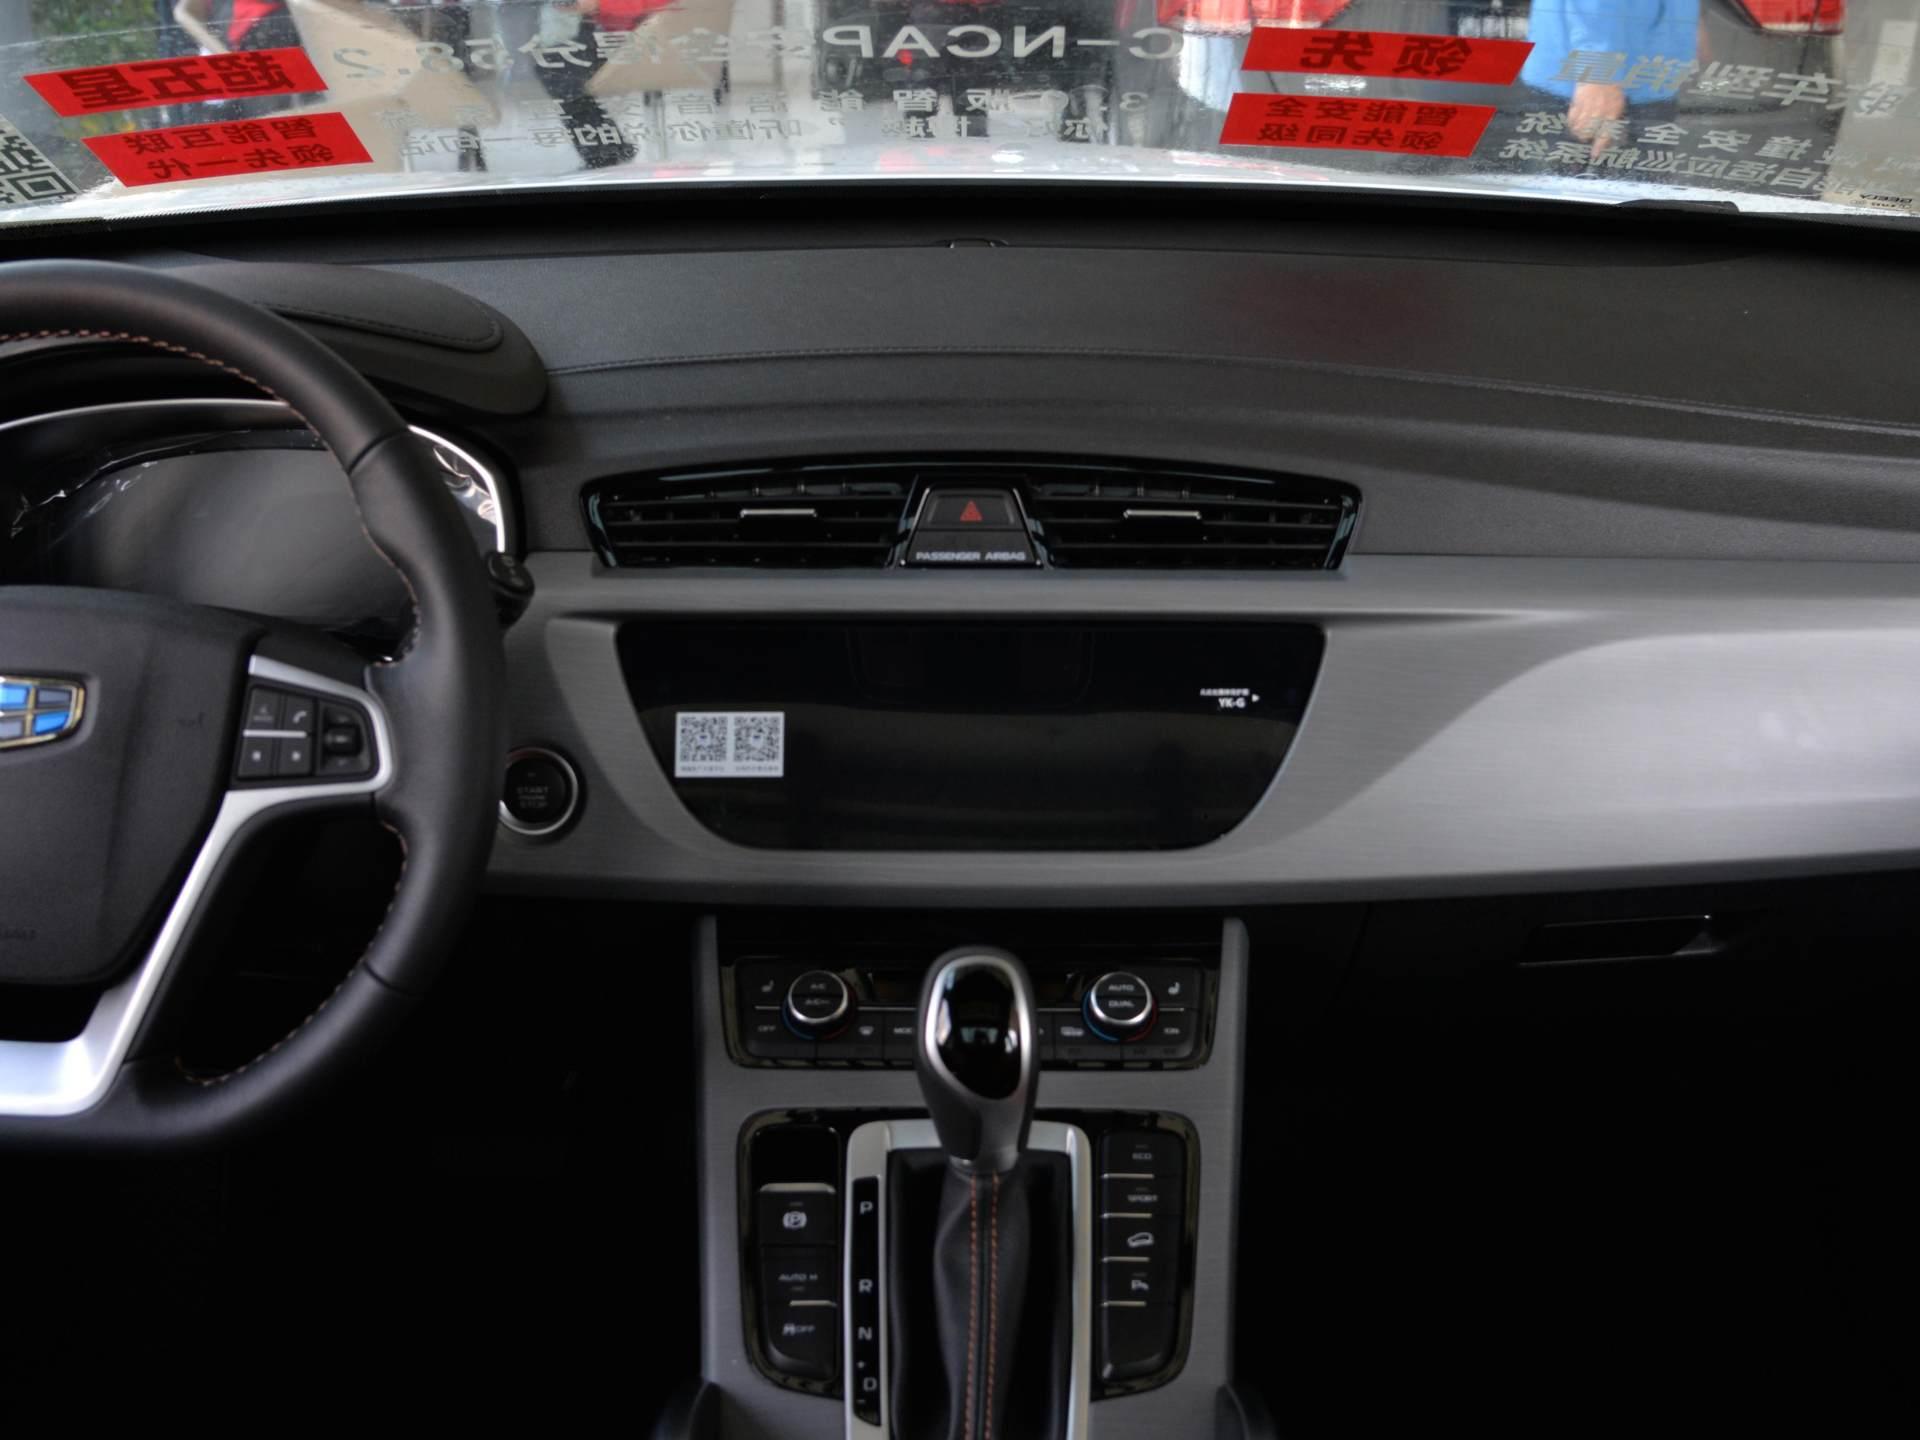 裸車10多萬入手這臺國產SUV,動力強空間大,油耗還可接受-圖4